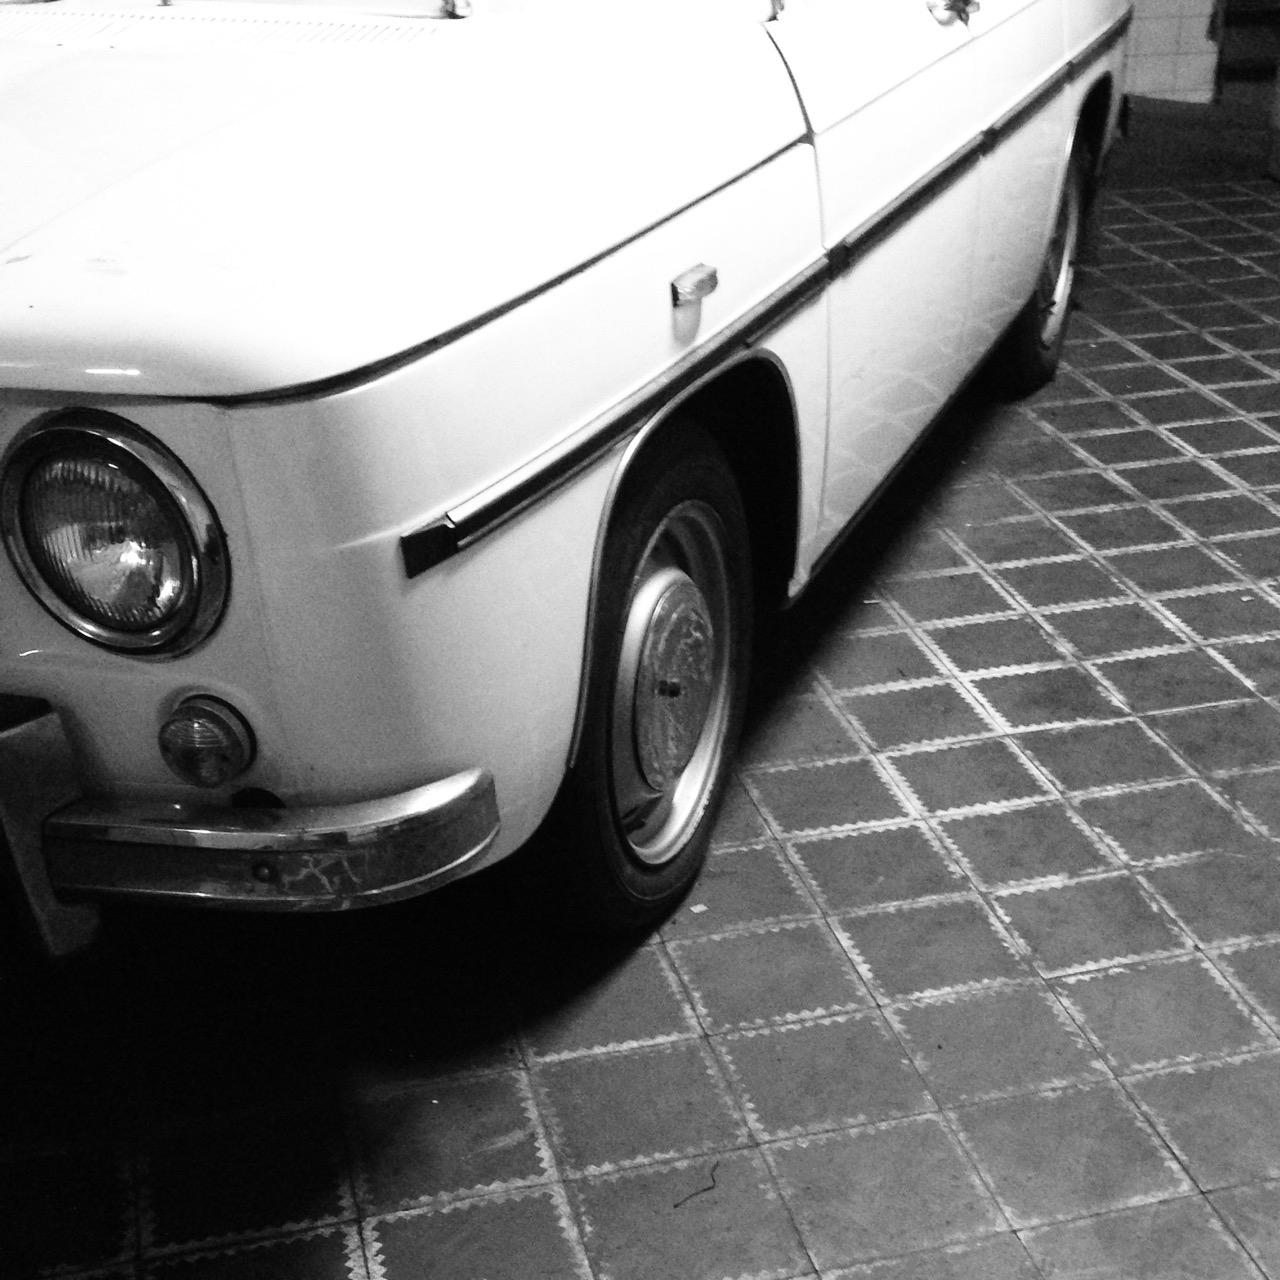 Mostrar coche aparcado